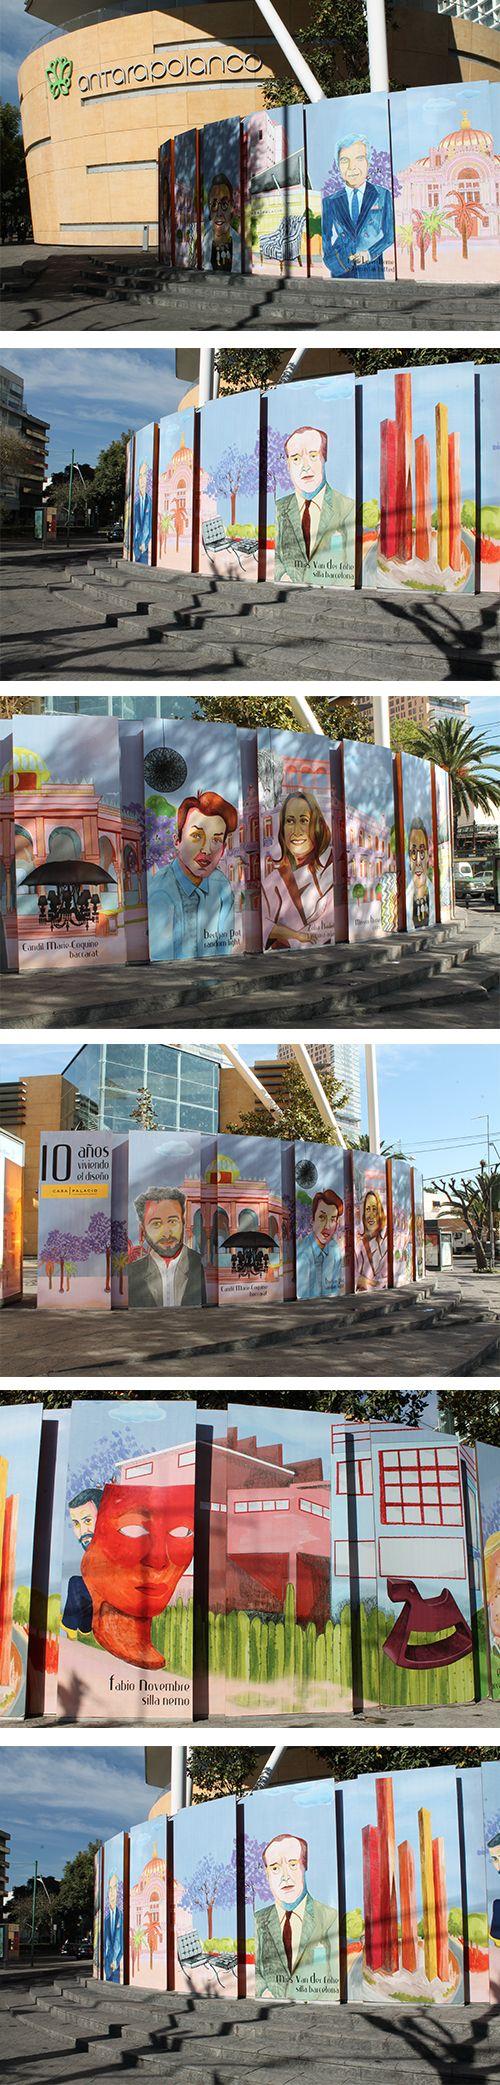 Puertas de Plaza Antara Polanco. Celebración de los 10 años de Casa Palacio.   Ilustración realizada por Nuria Díaz Ibánez.